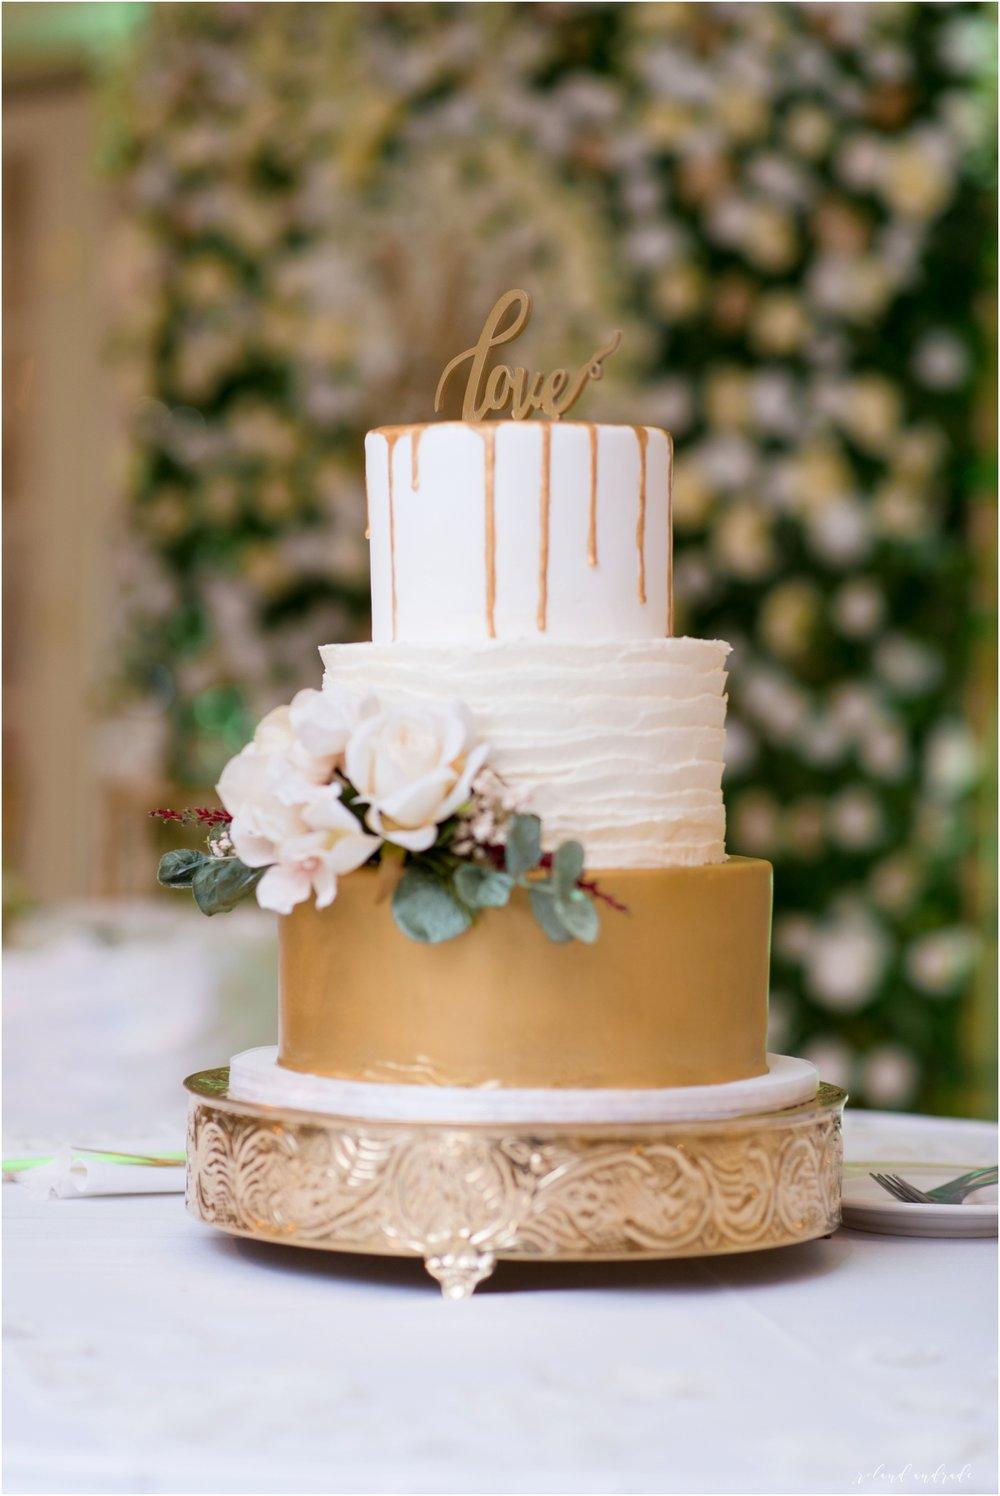 Chateau Busche Wedding in Alsip, Chateau Busche Wedding Photographer, Alsip Wedding Photography Millenium Park First Look, Trump Tower Wedding_0052.jpg